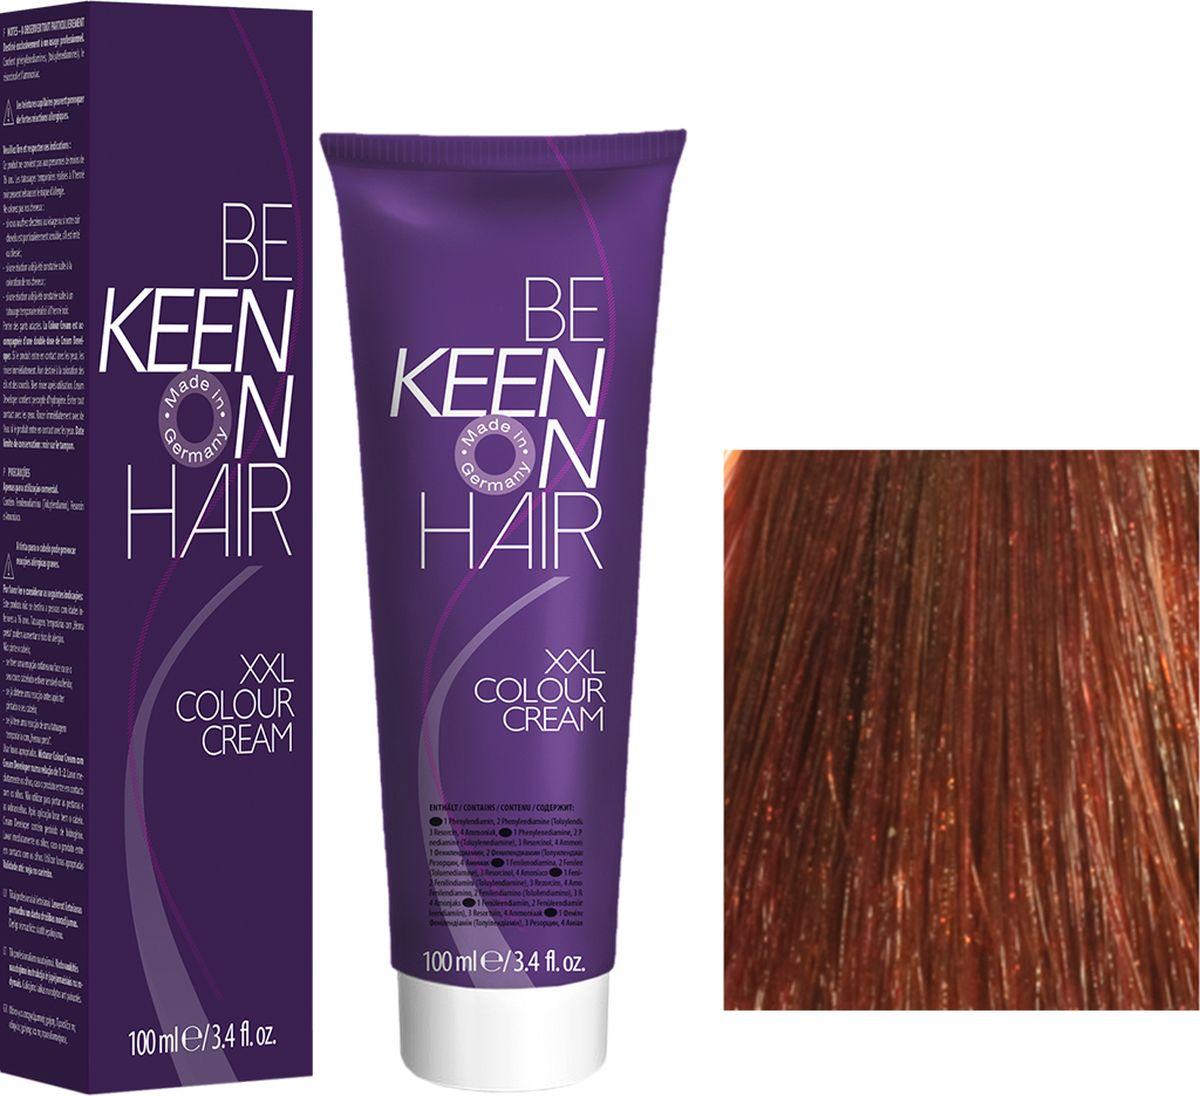 Keen Краска для волос 6.43 Темный золотисто-медный блондин Dunkelblond Kupfer-Gold, 100 мл69100039Модные оттенкиБолее 100 оттенков для креативной комбинации цветов.ЭкономичностьПри использовании тюбика 100 мл вы получаете оптимальное соотношение цены и качества!УходМолочный белок поддерживает структуру волоса во время окрашивания и придает волосам блеск и шелковистость. Протеины хорошо встраиваются в волосы и снабжают их влагой.